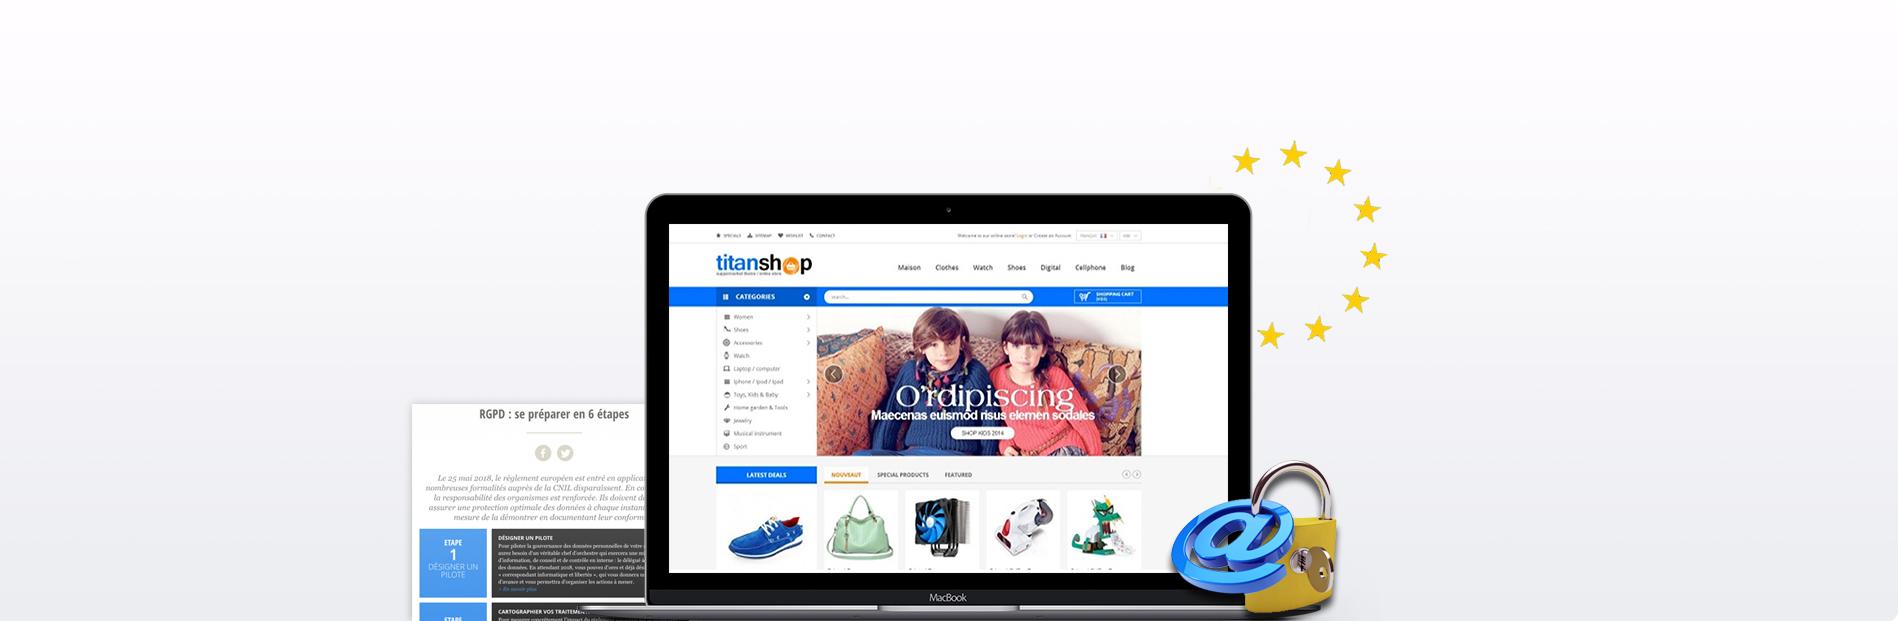 Et Webamp; Tobeweb Sites Mobile Digital De Création Agency WYDH2IE9